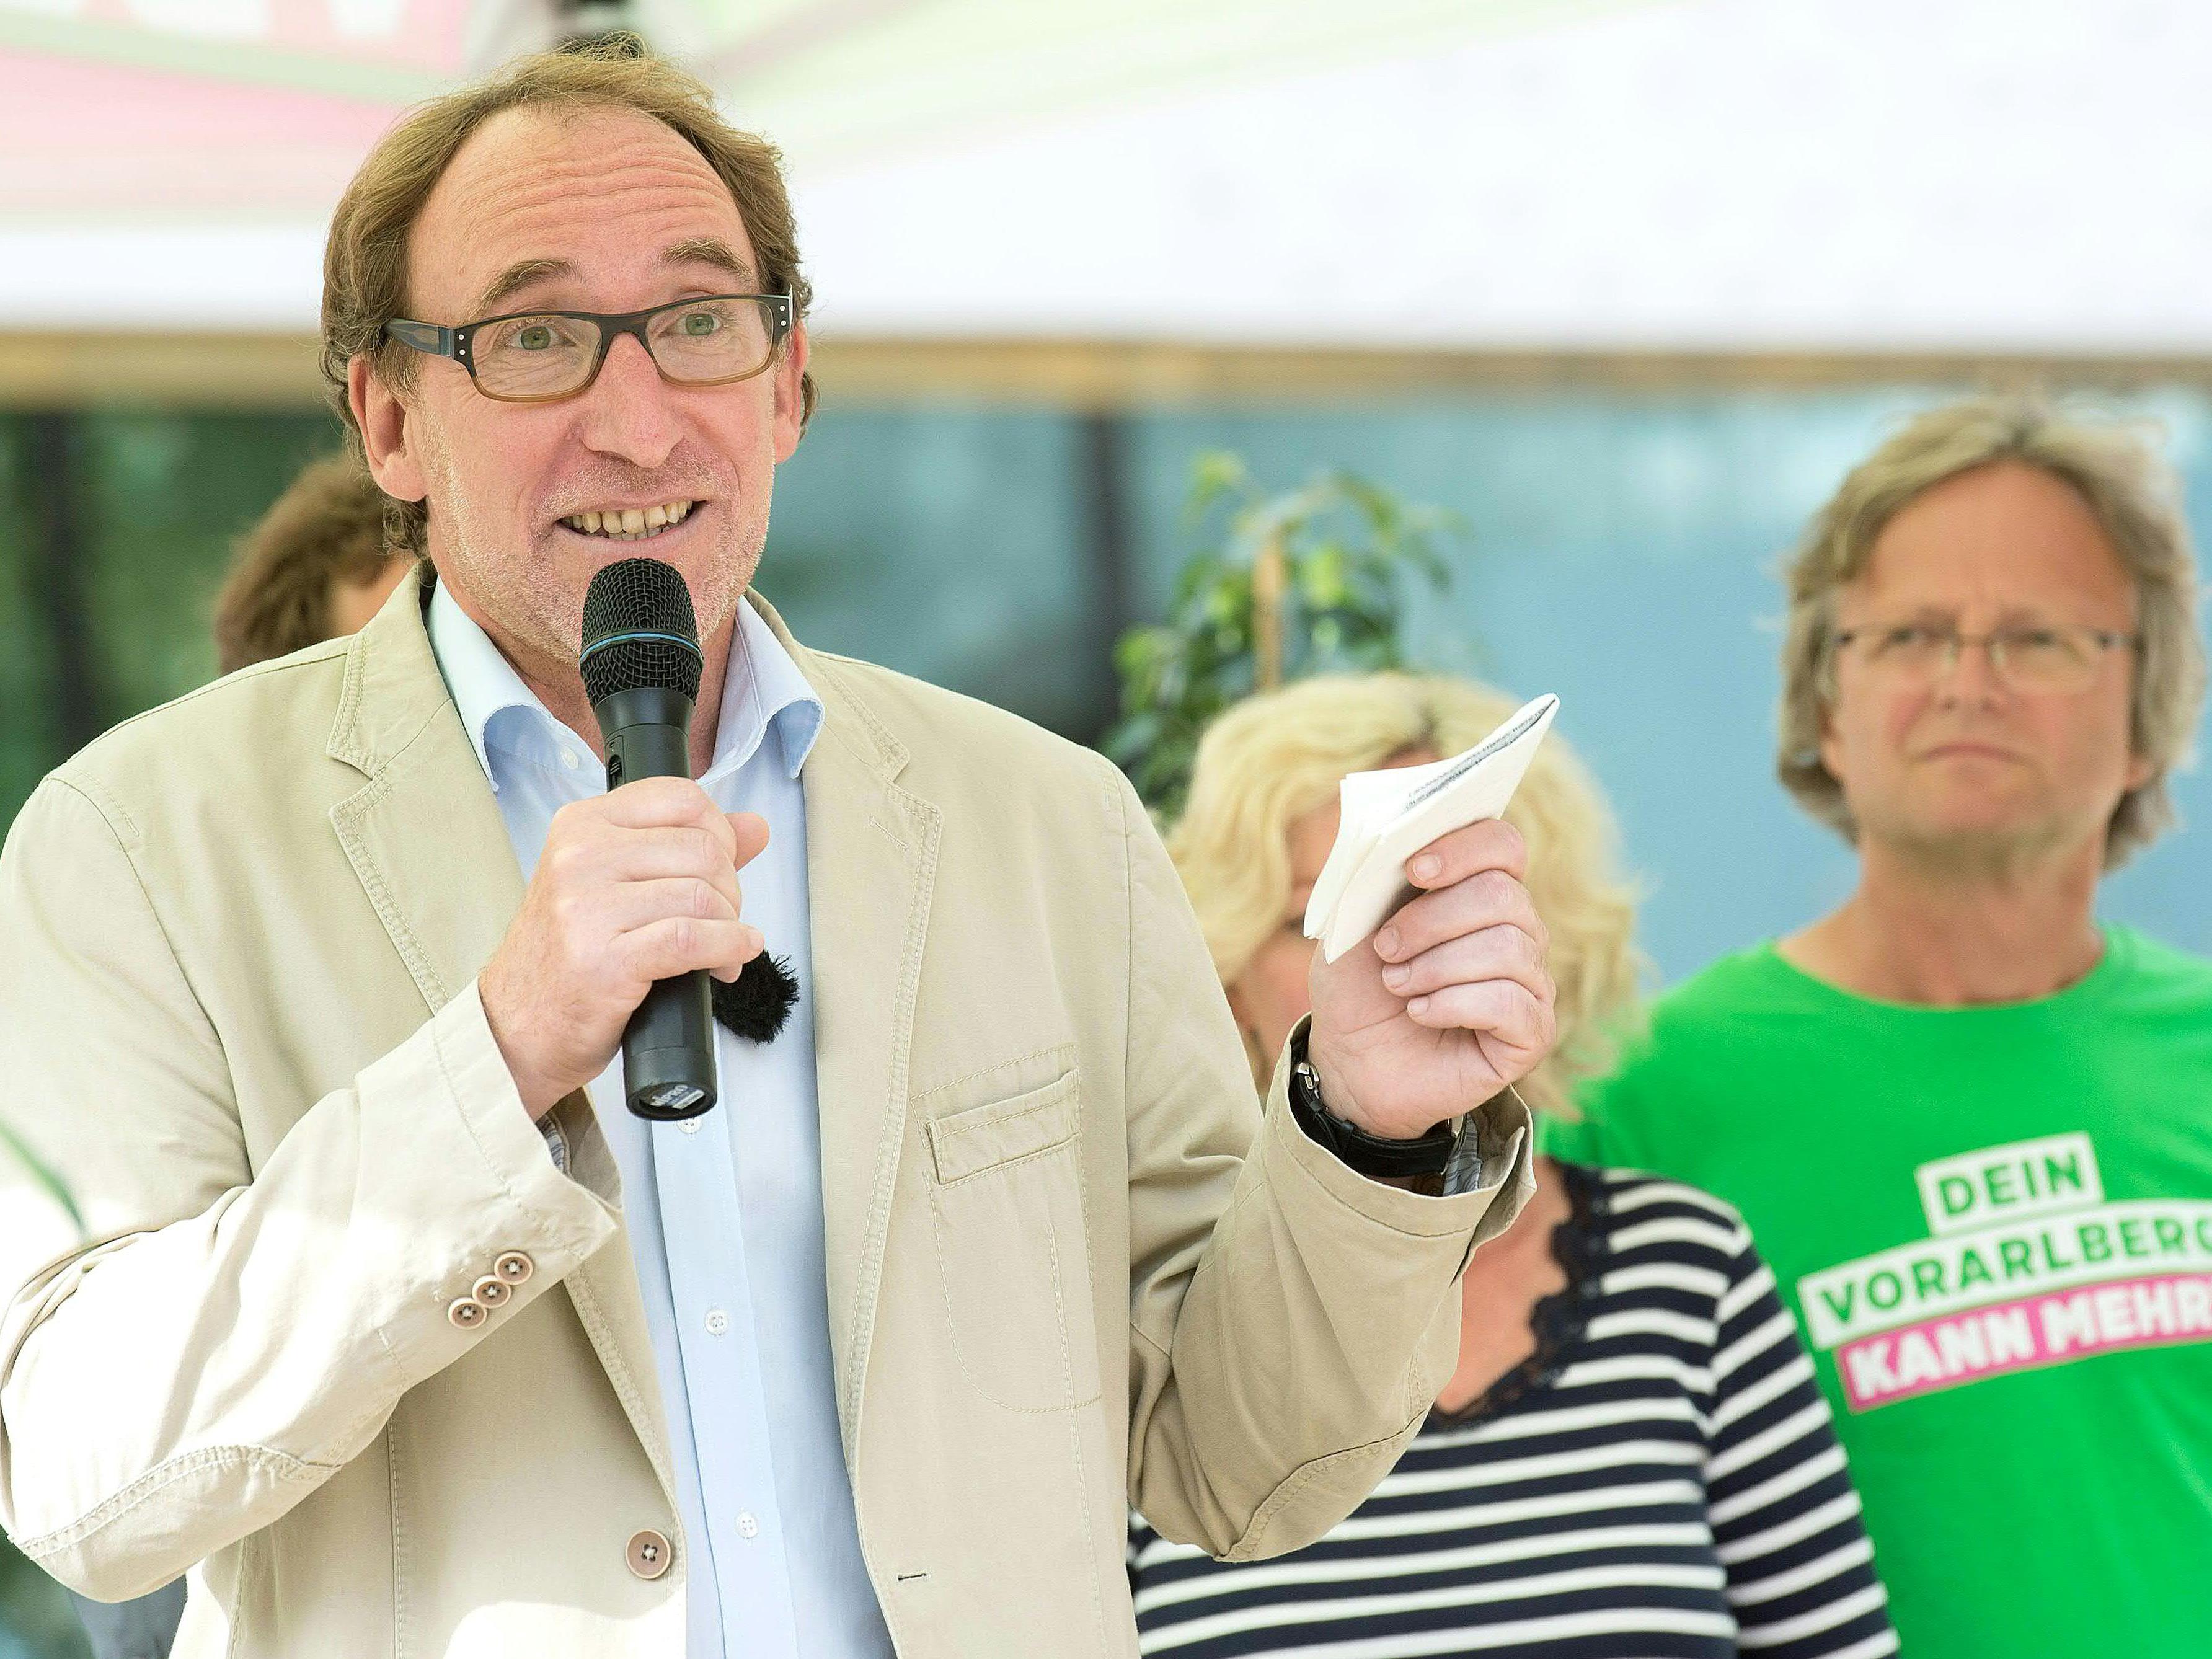 Die Grünen verzeichnen einen großen Zuwachs in Rankweil, Heimat Gemeinde von Johannes Rauch.